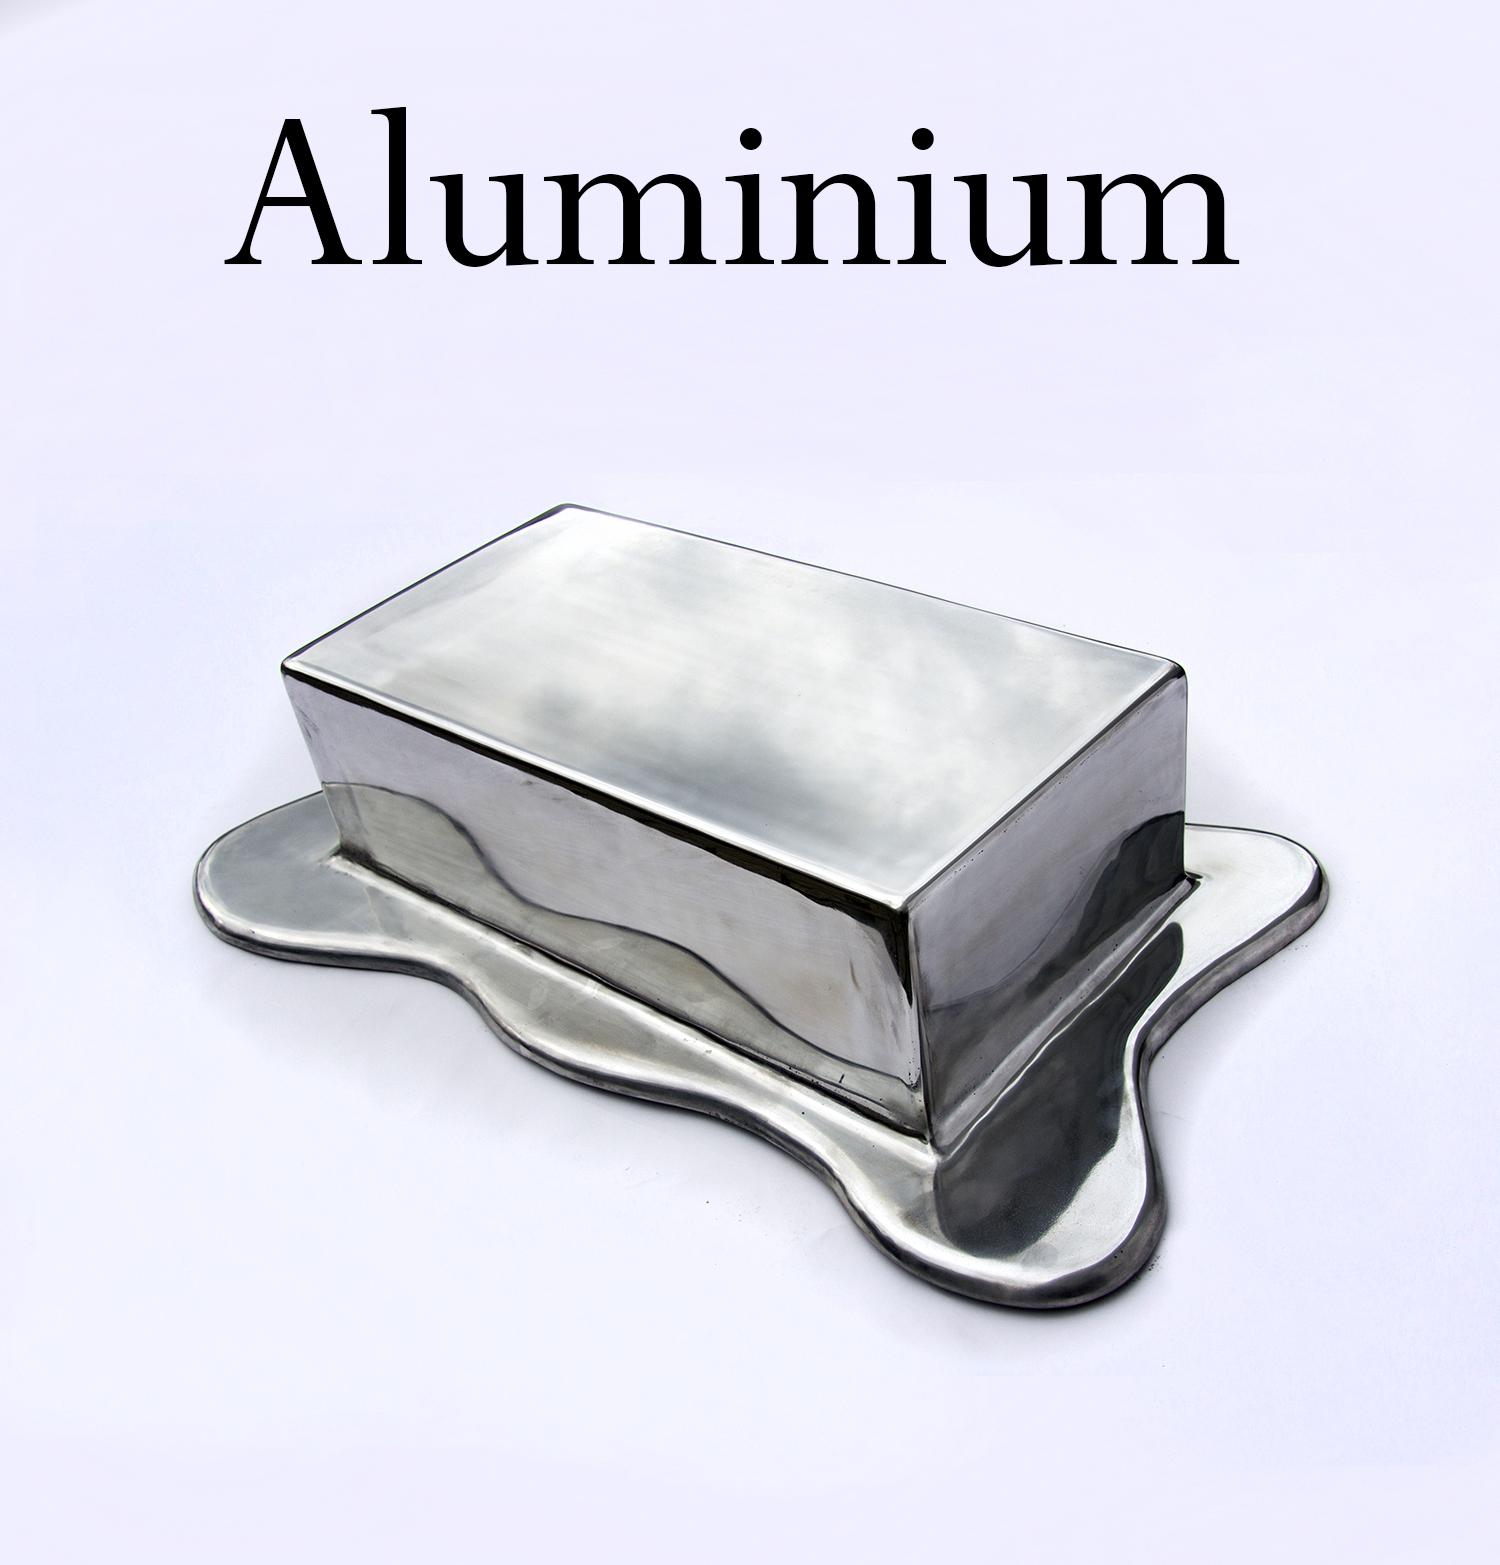 logo aluminium.jpg